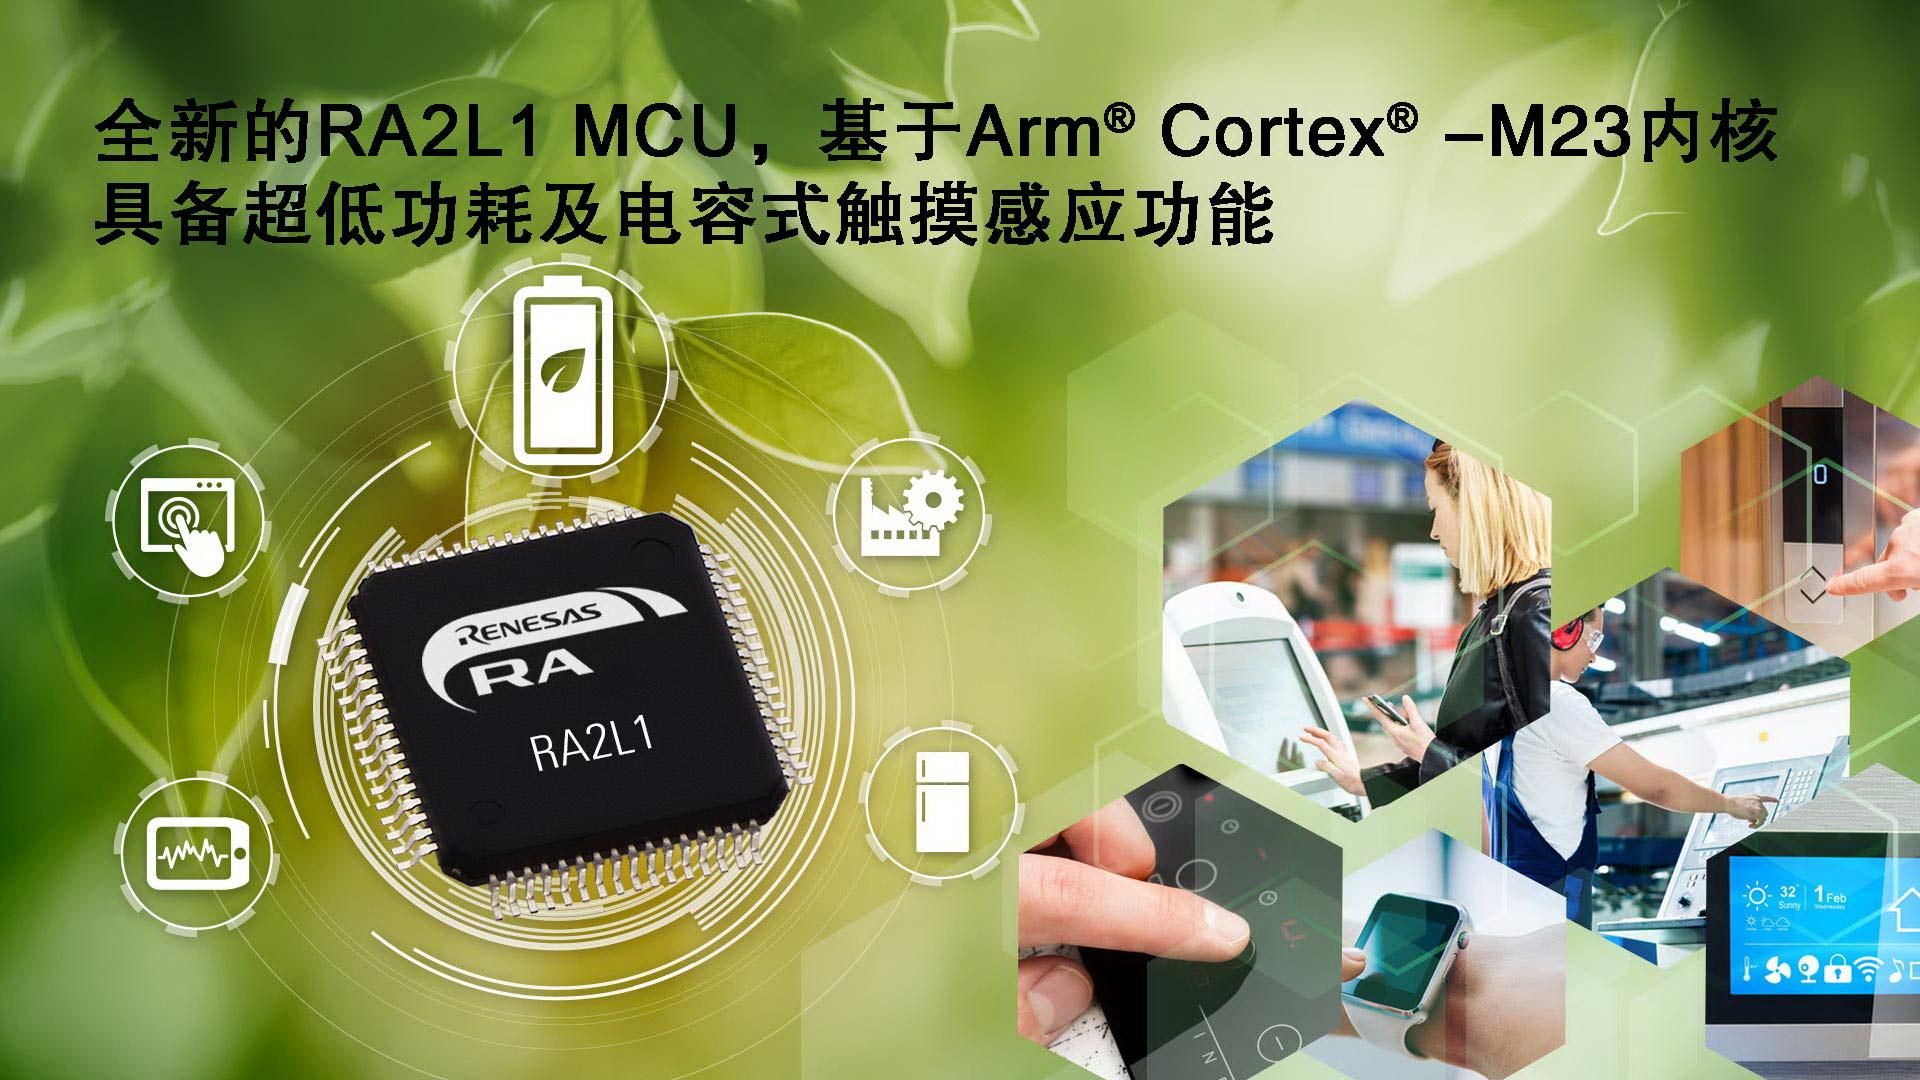 瑞萨电子RA产品家族新增超低功耗RA2L1 MCU产品群,具有高级电容式触摸感应功能,打造经济节能的IoT节点HMI应用